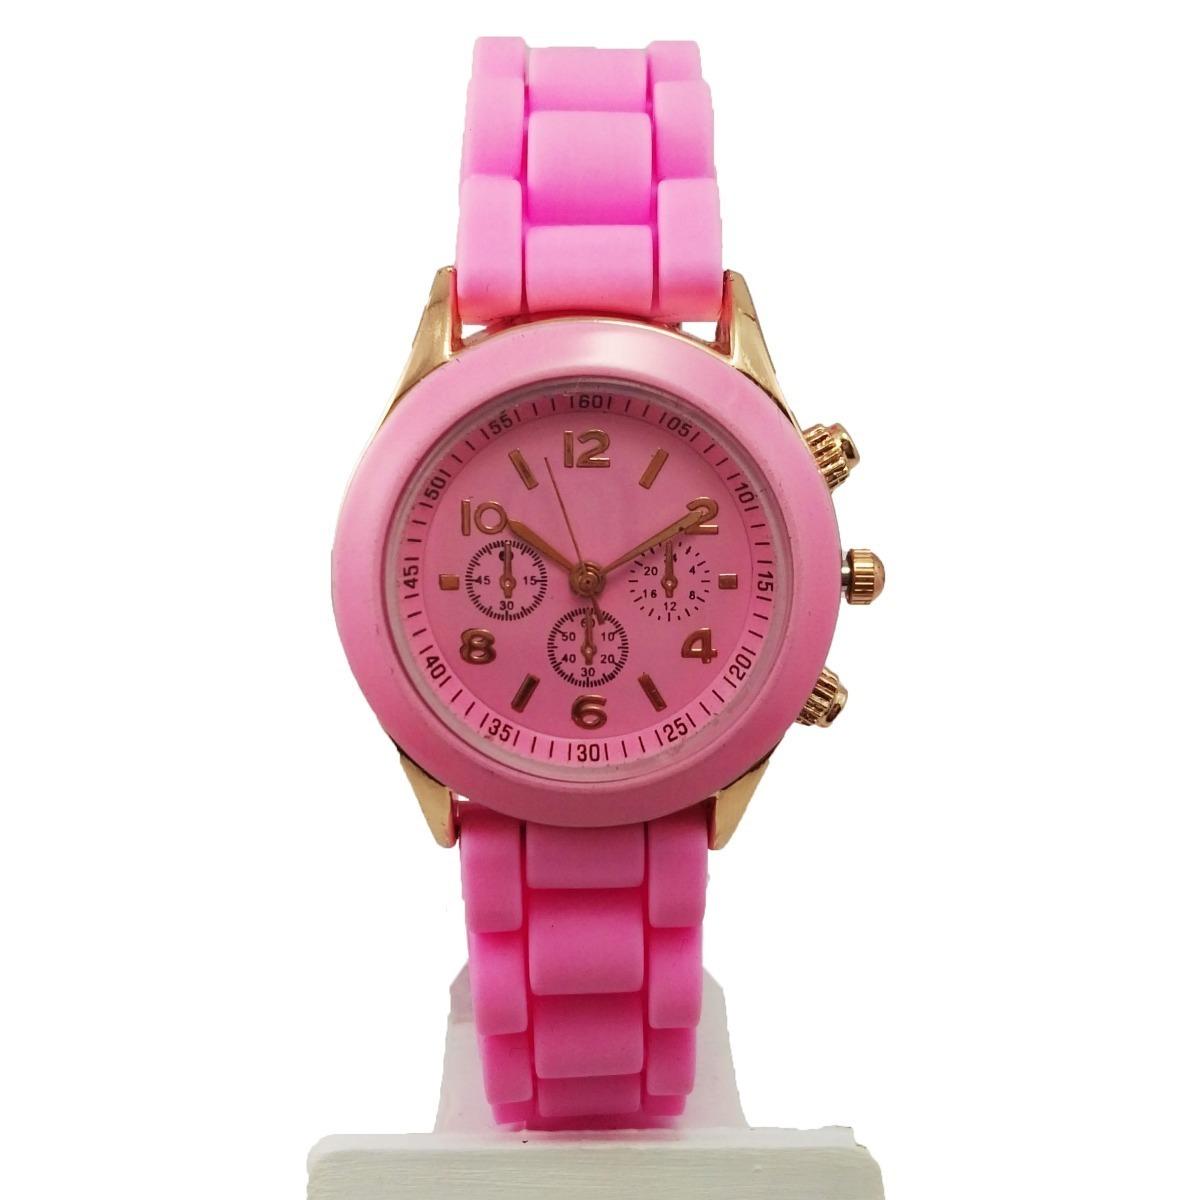 1782c886ee33 reloj mujer malla silicona detalles dorado. Cargando zoom.